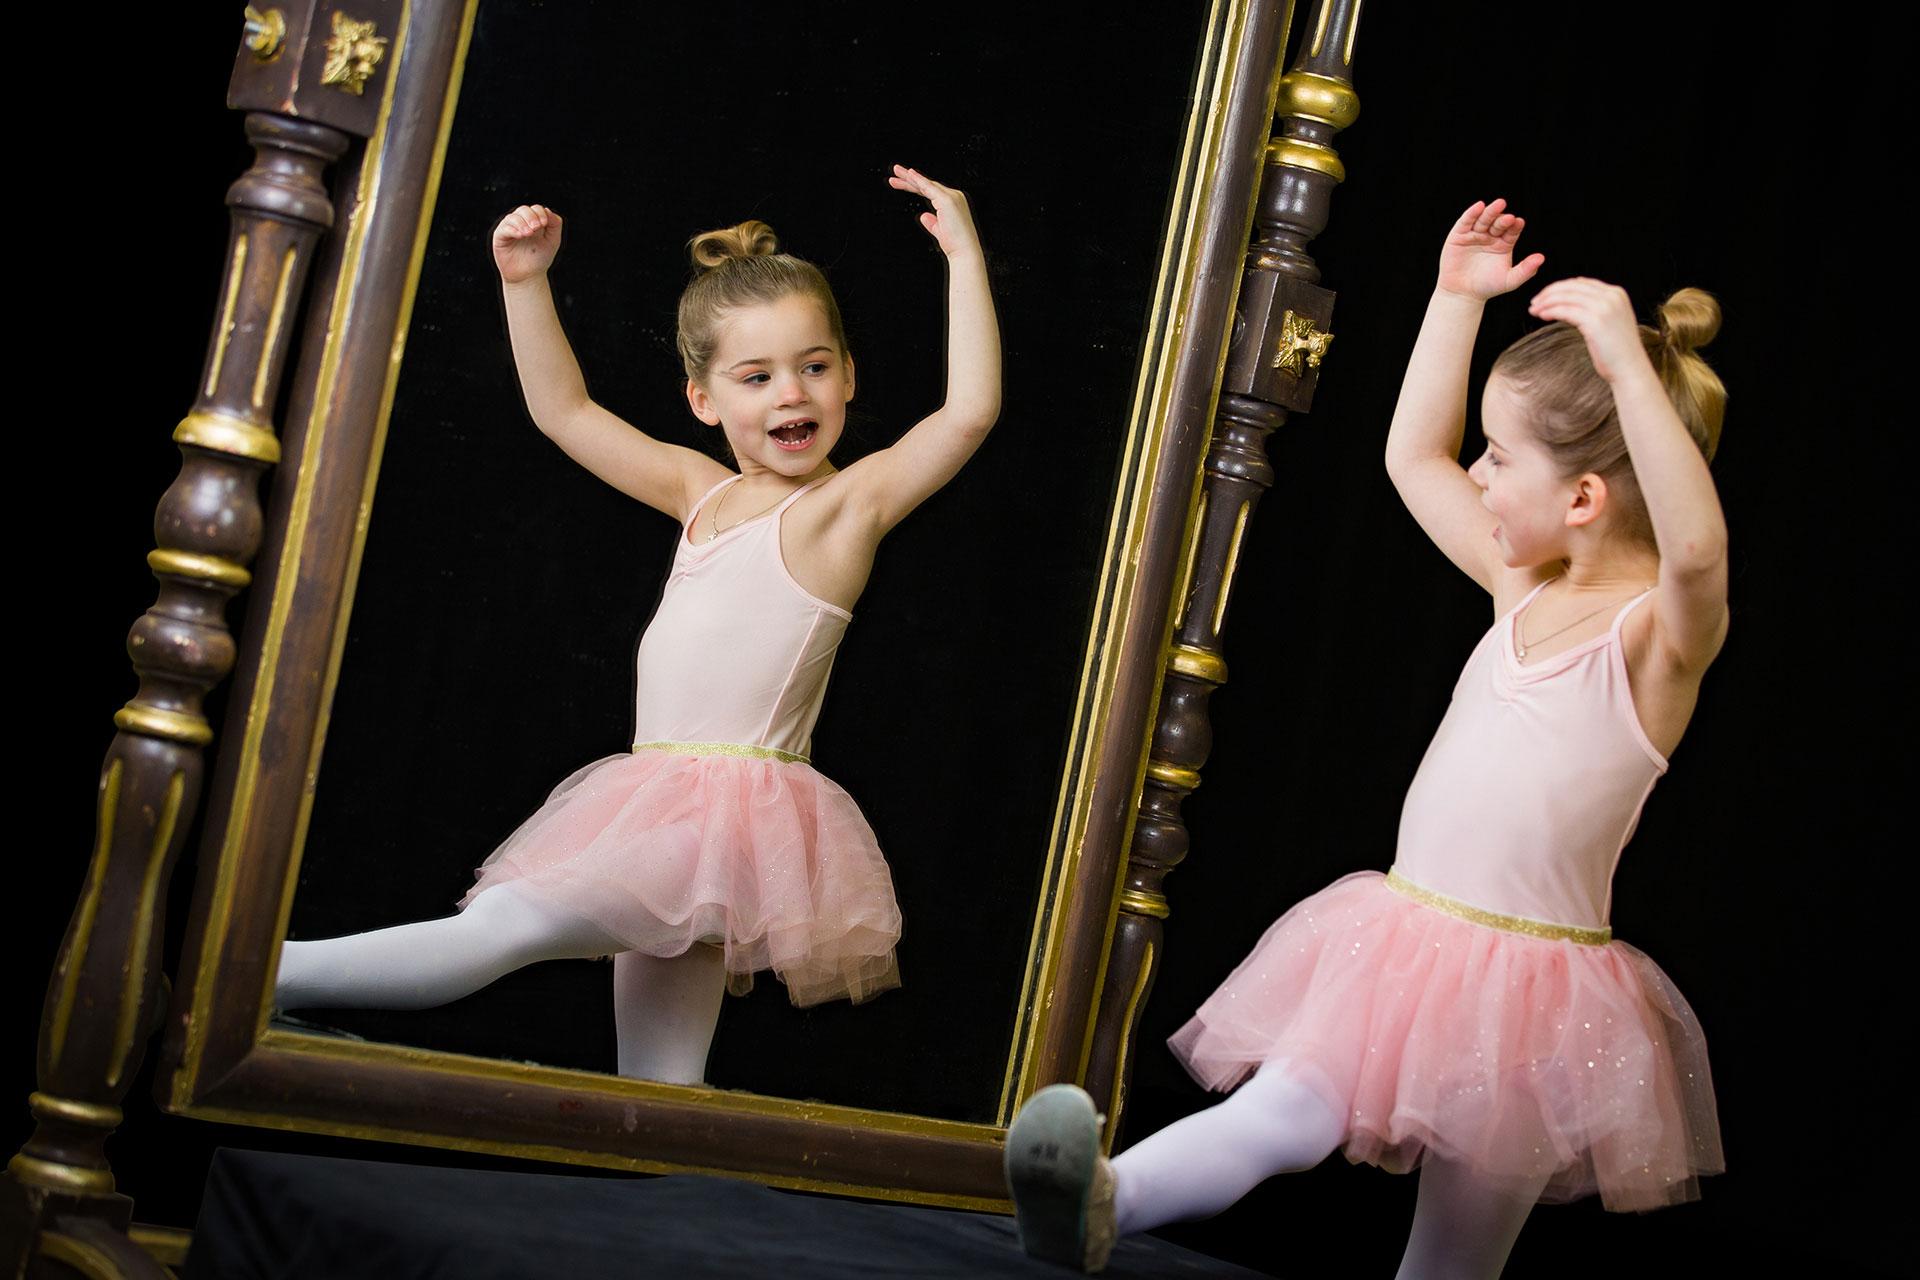 flevoschool-huizen-later-wil-ik-ballet-danseres-worden